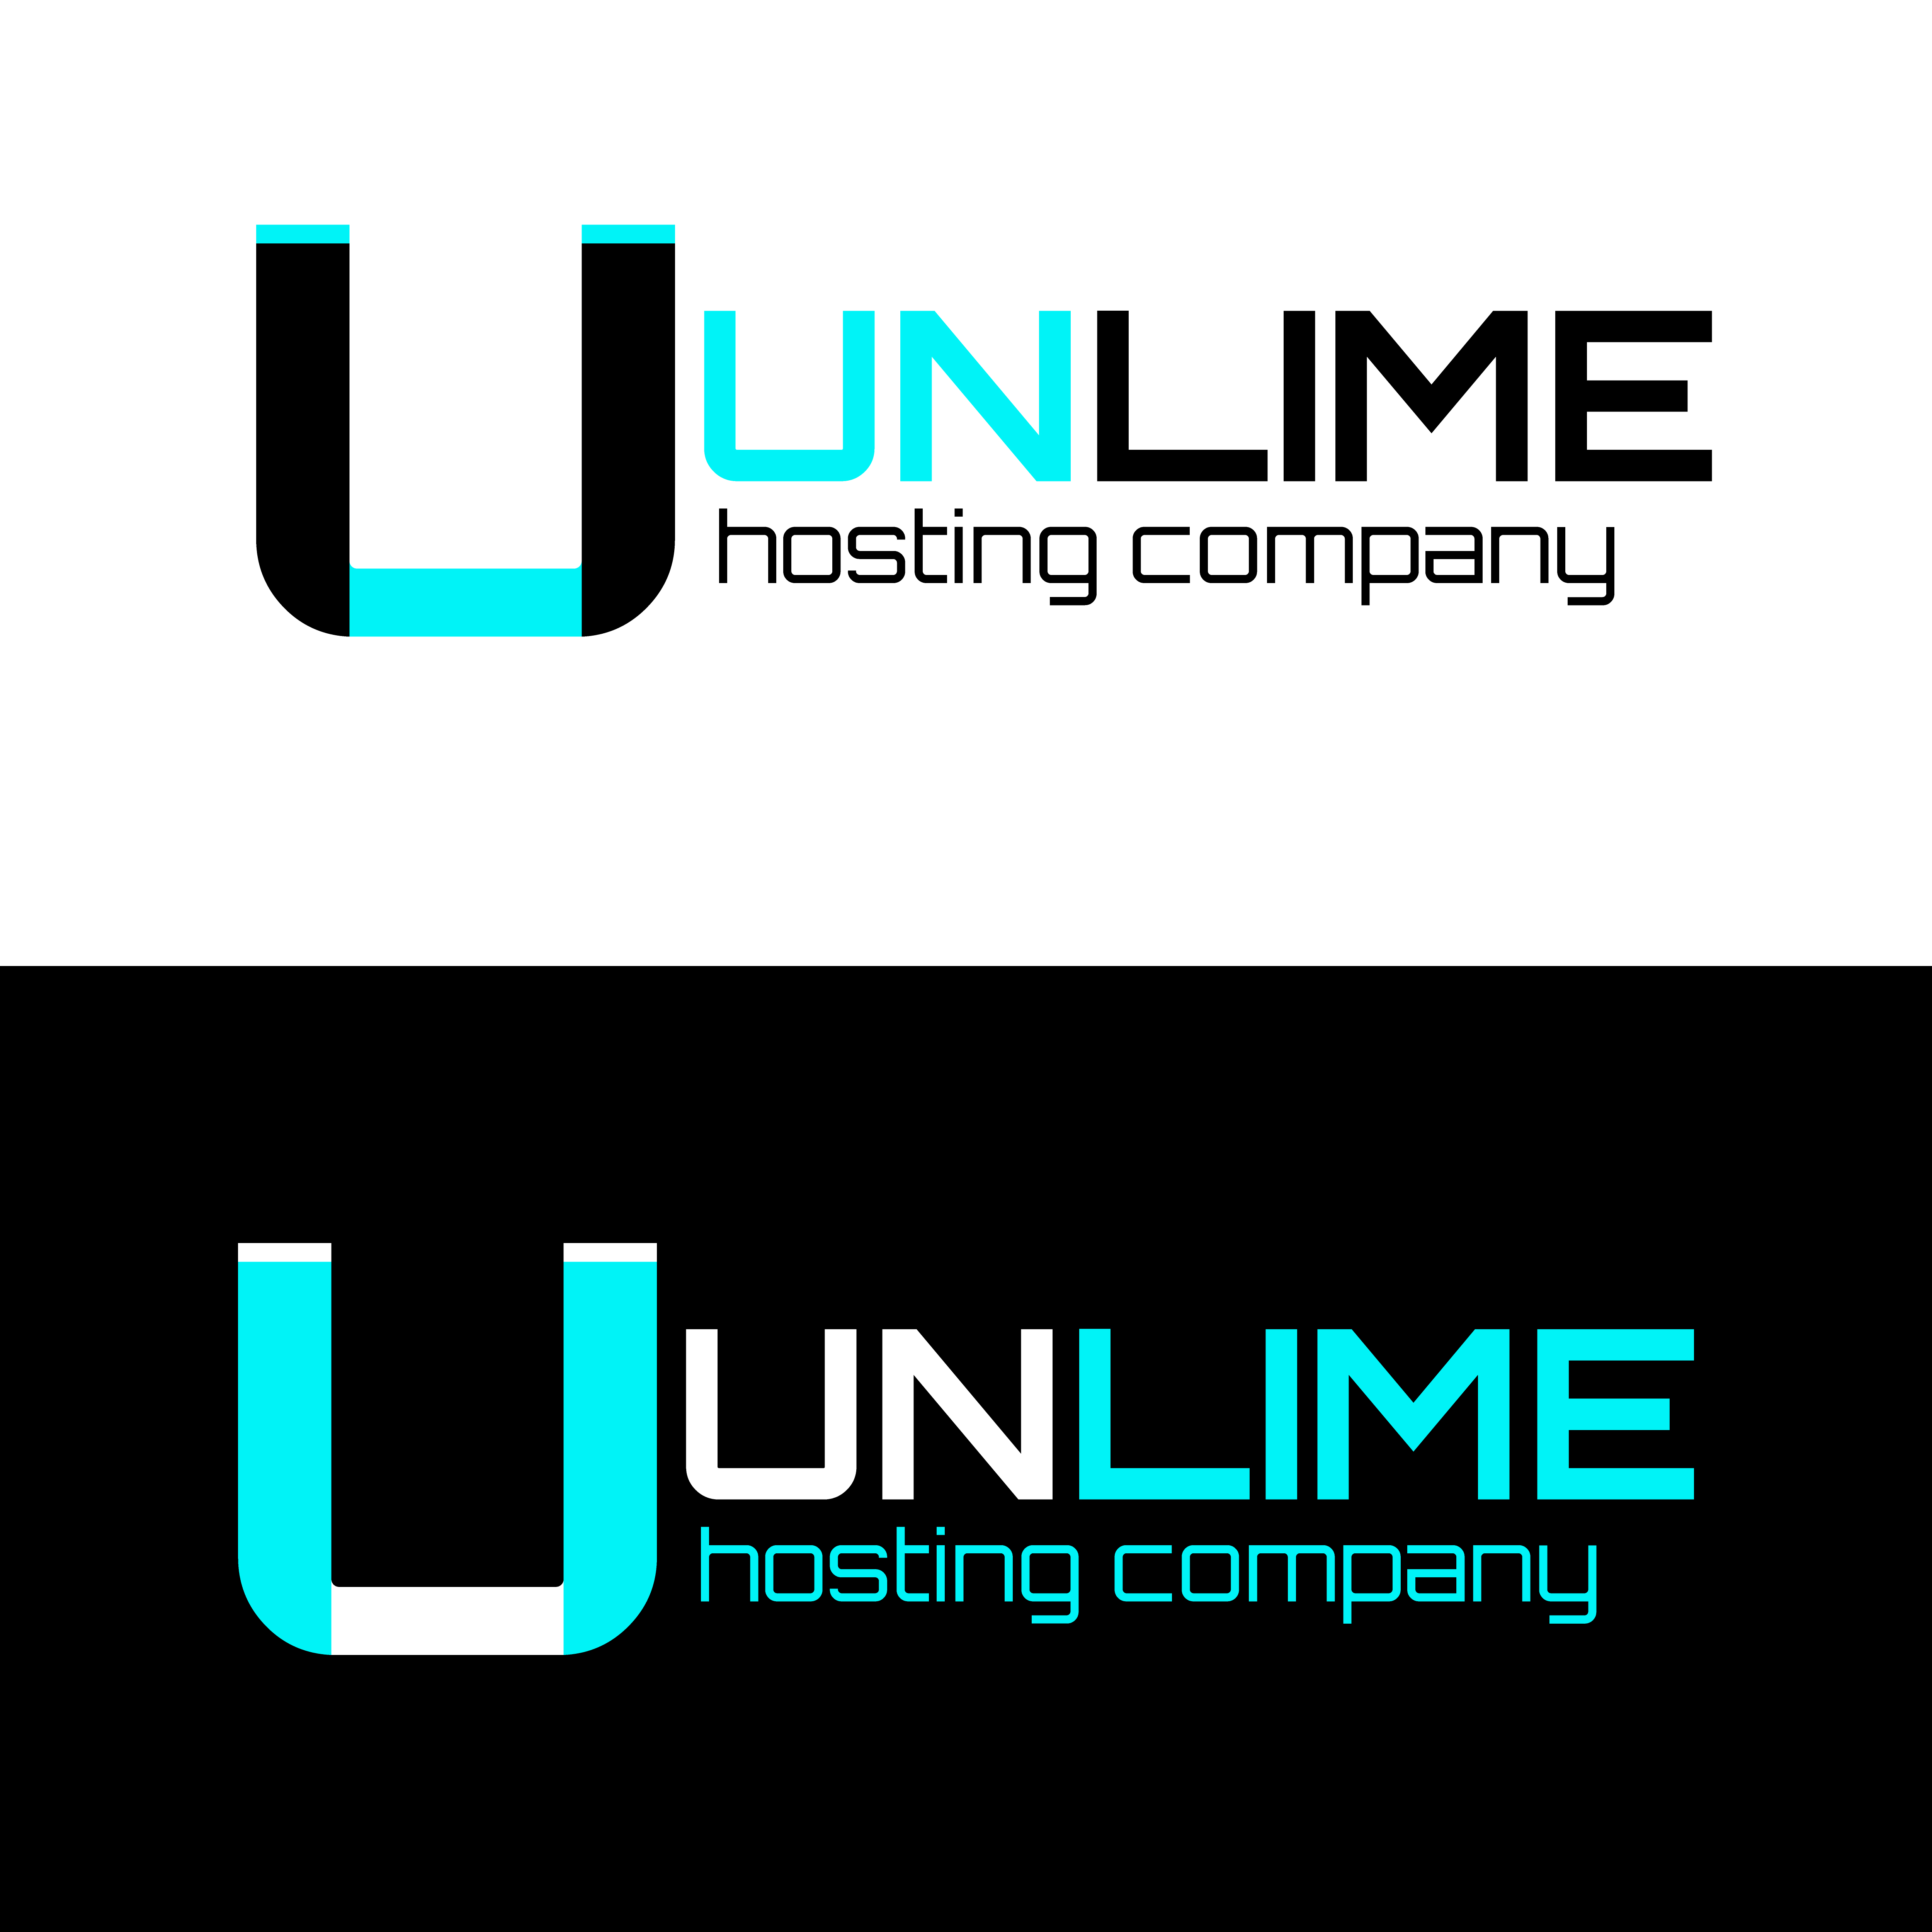 Разработка логотипа и фирменного стиля фото f_0415947cd5ff2ec1.jpg